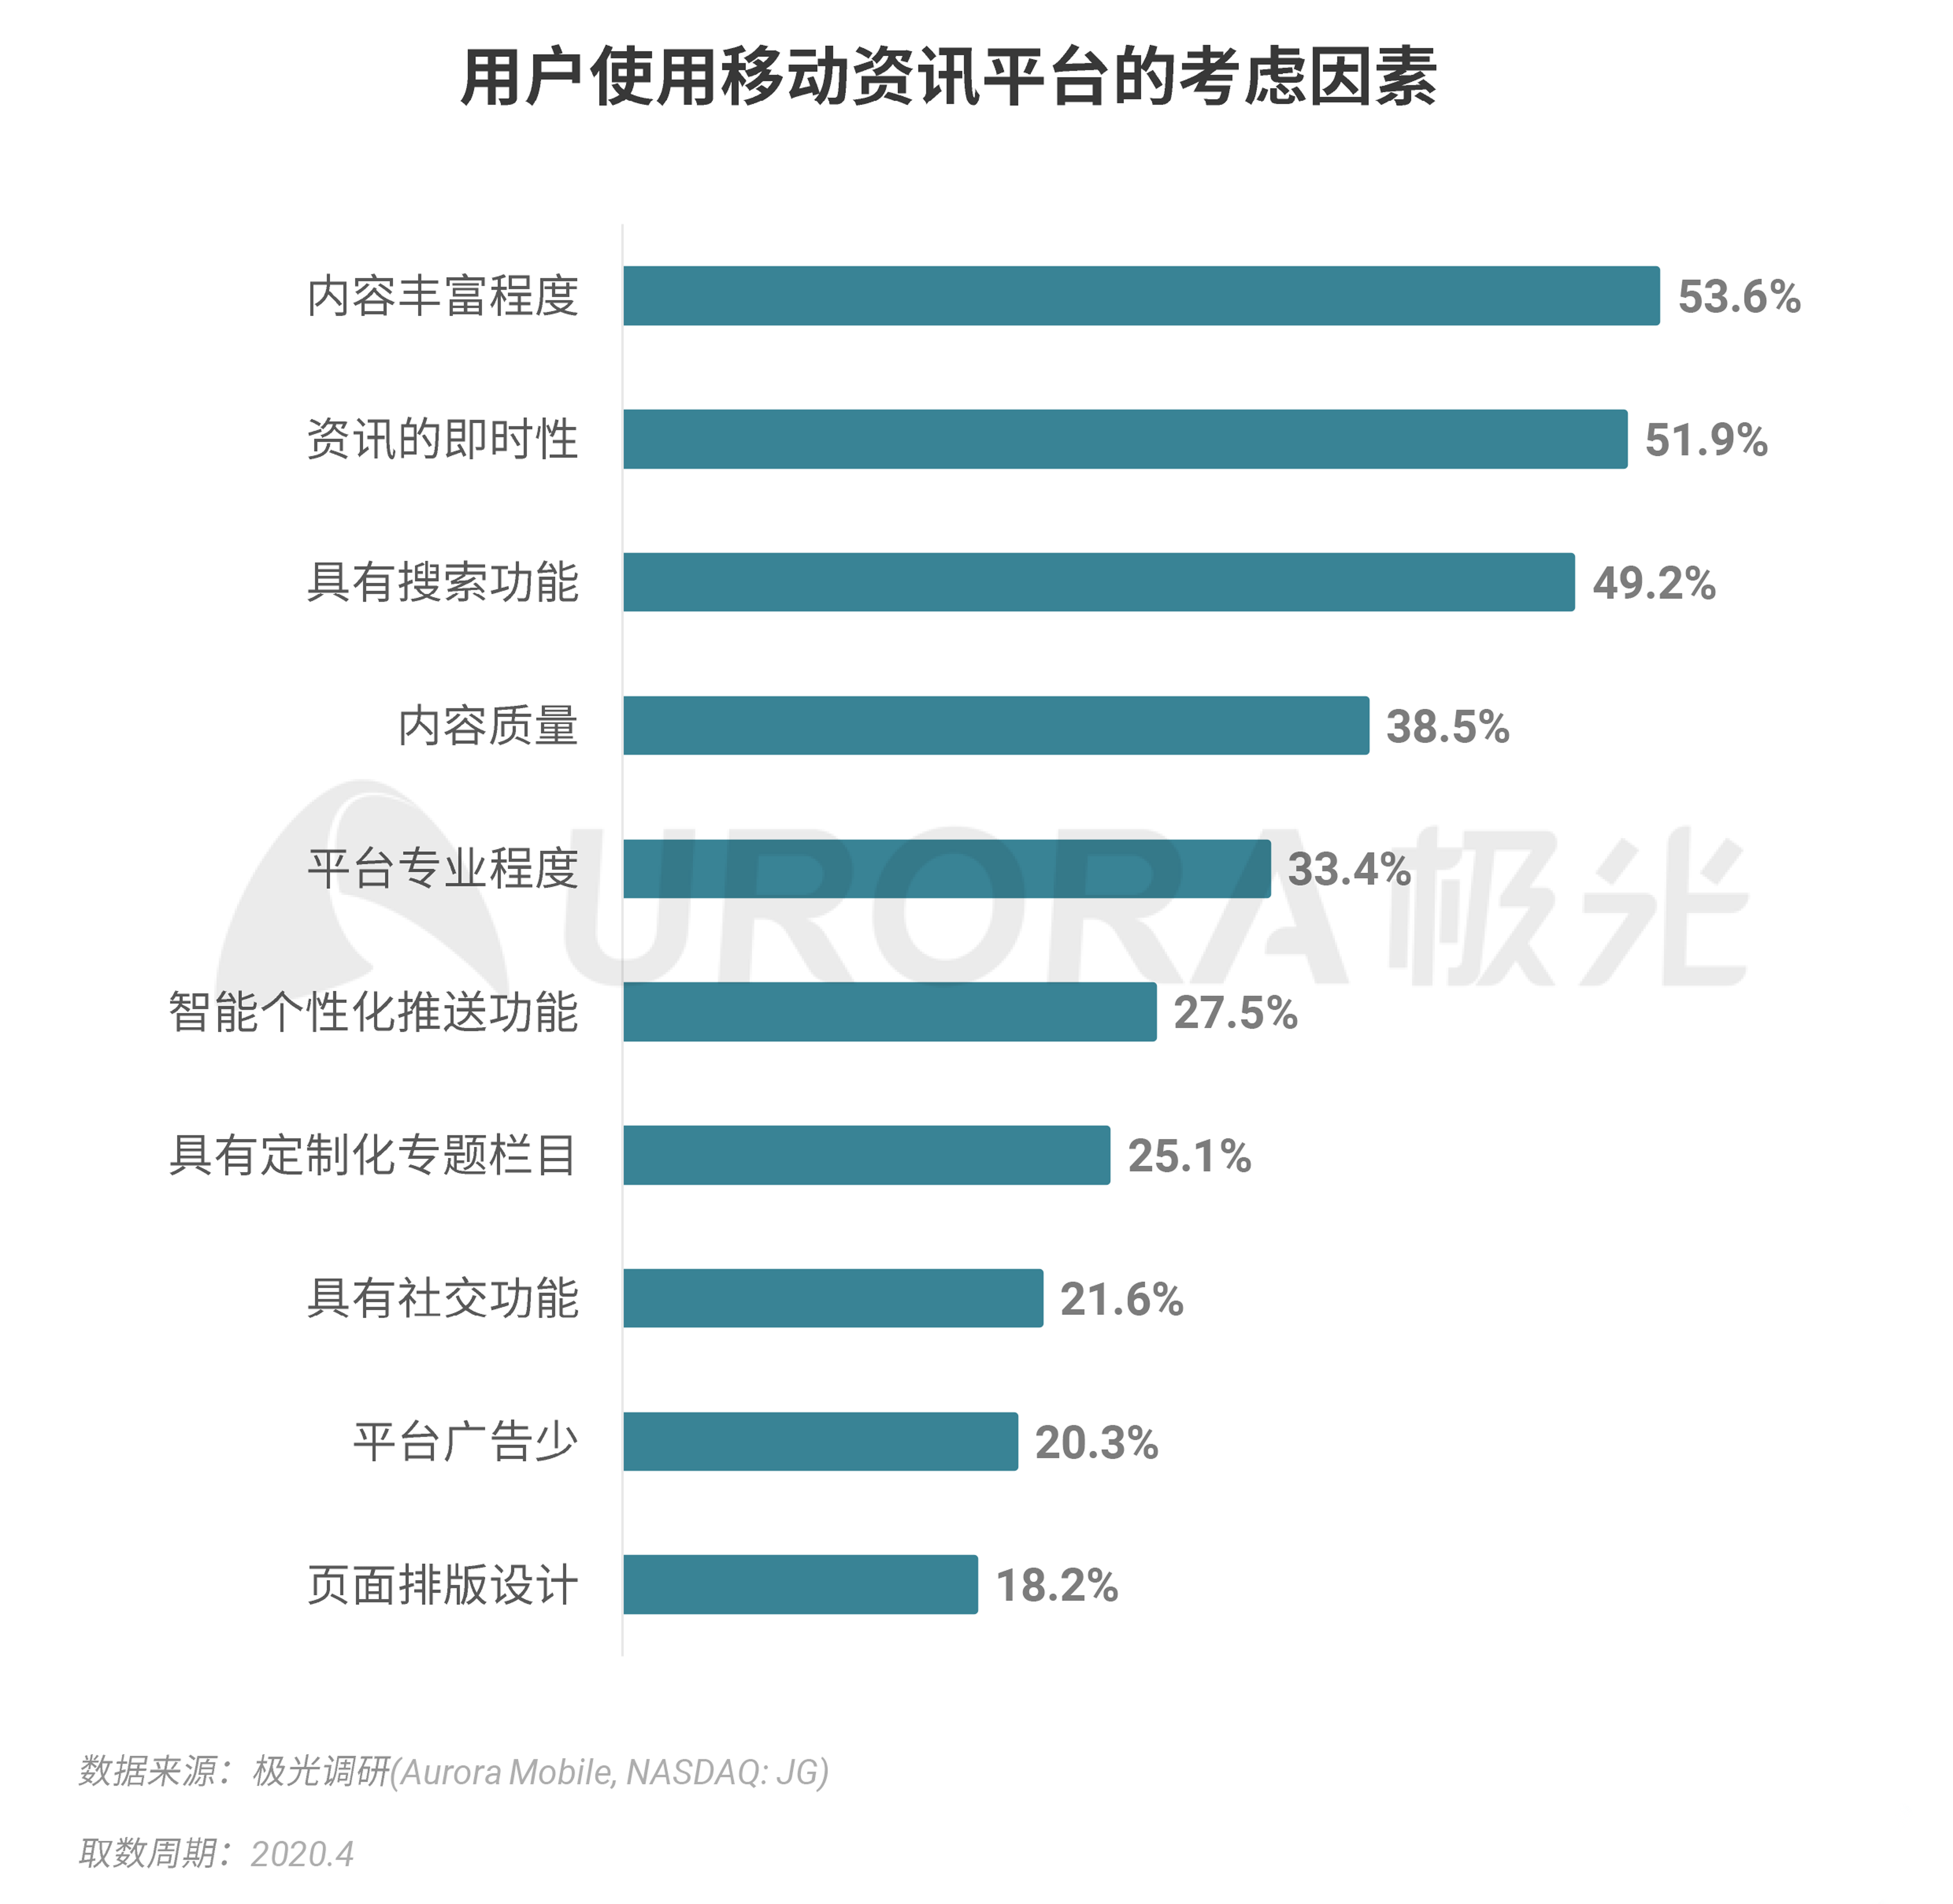 极光:新闻资讯 (11).png